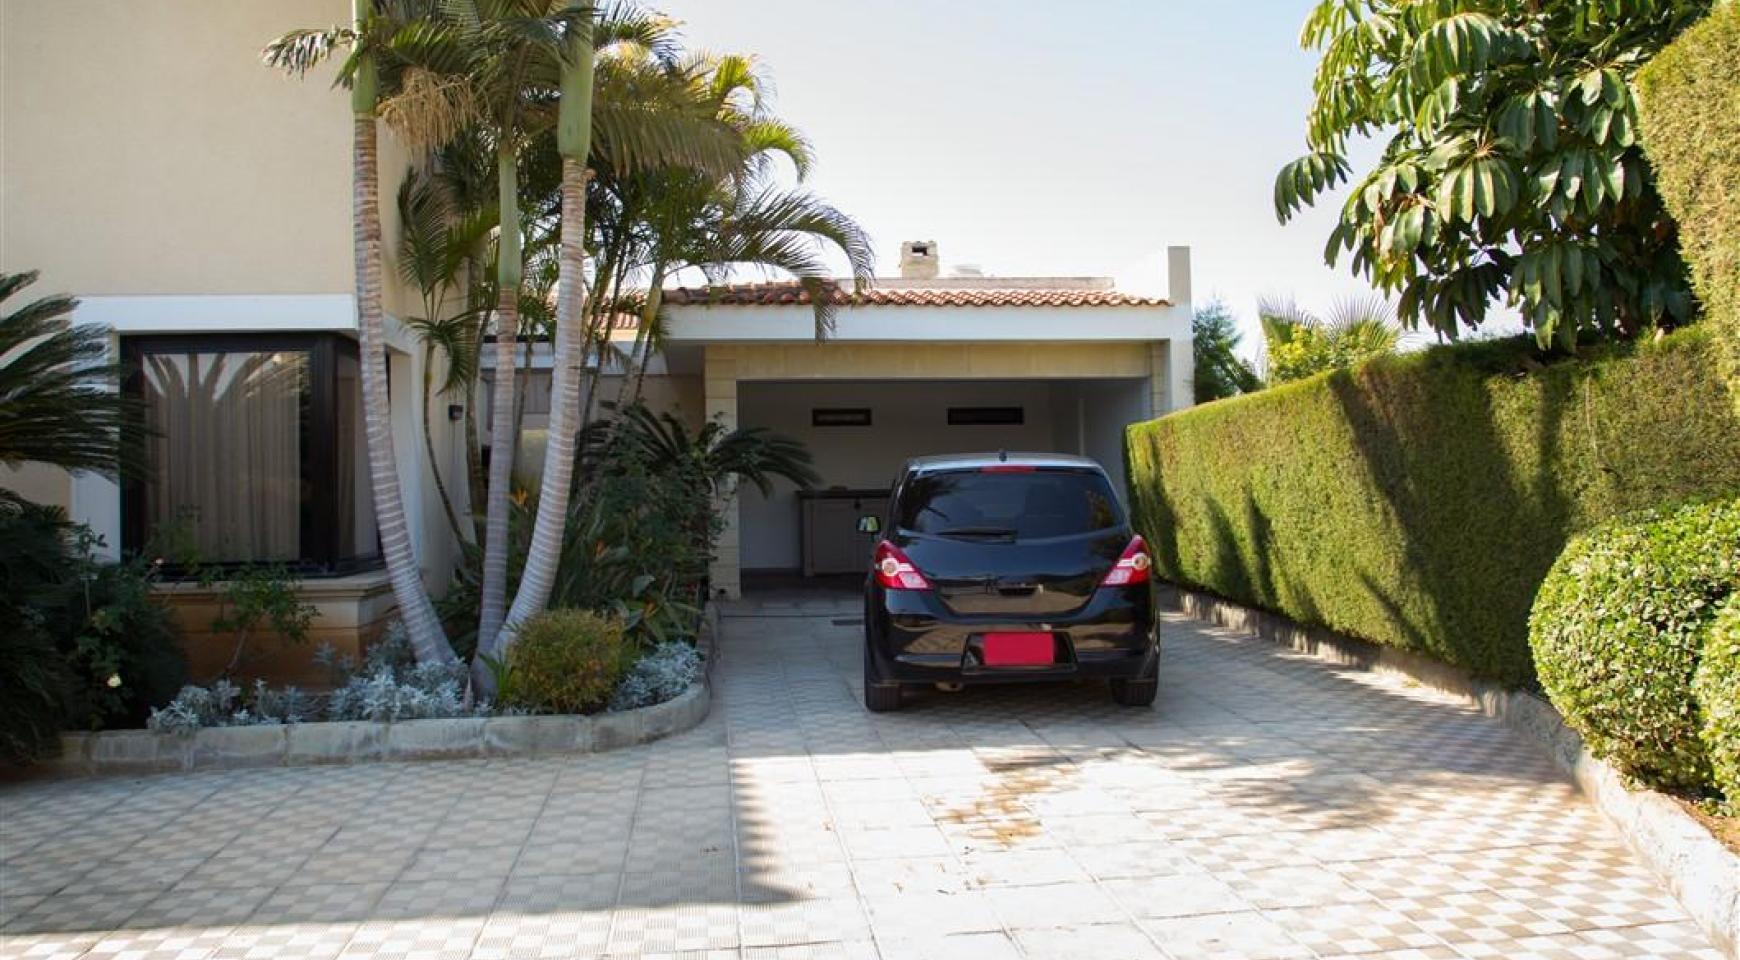 4 Bedroom Villa in Germasogeia Area - 5